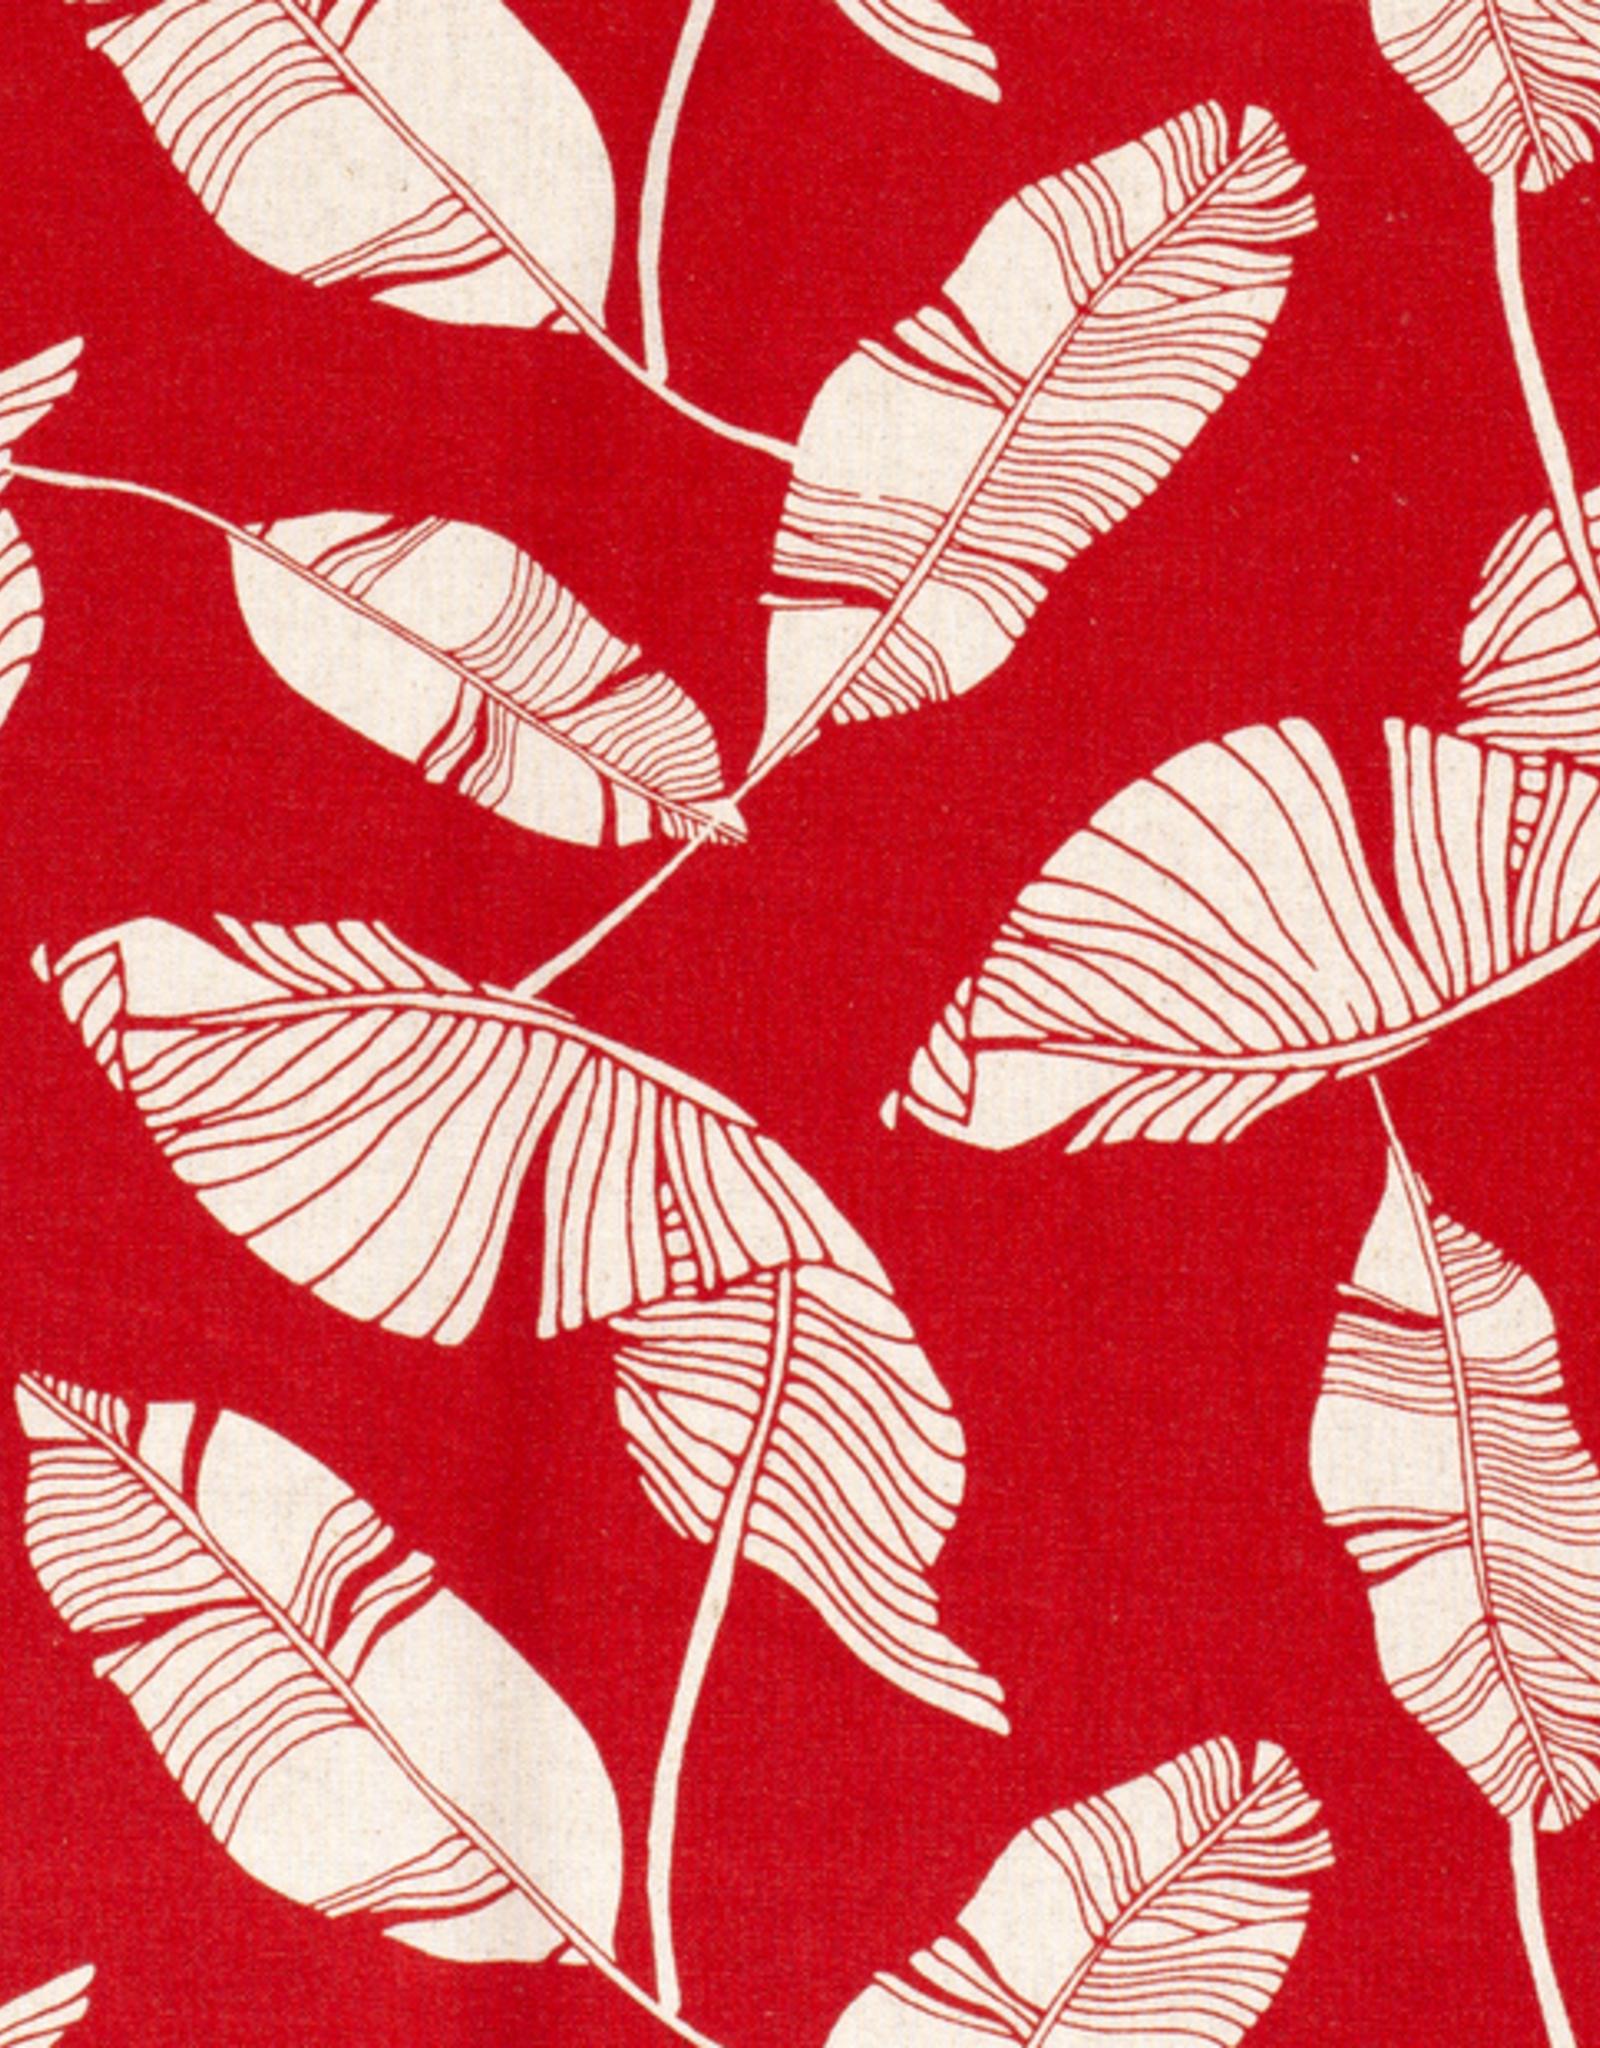 Linnenviscose rood bladeren